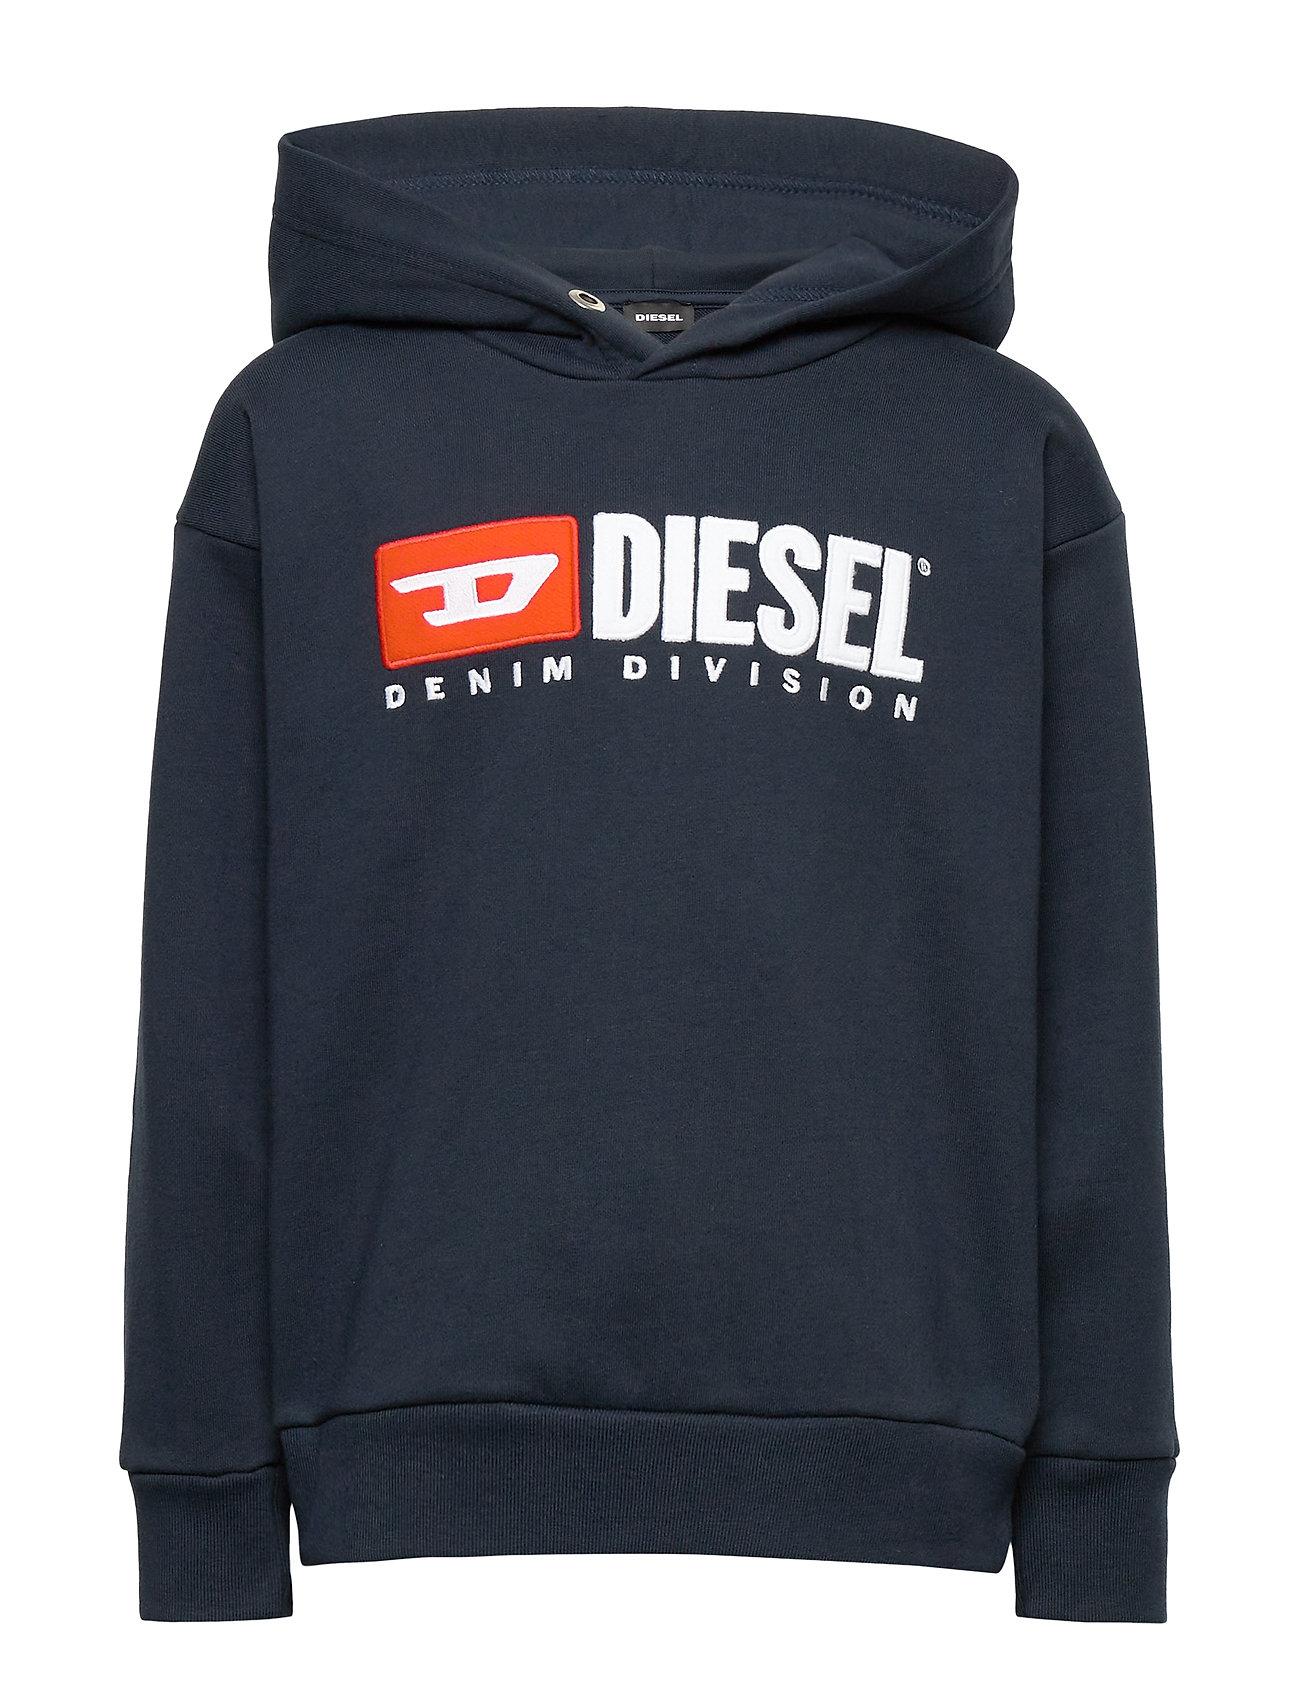 Diesel SDIVISION OVER SWEAT-SHIRT - DARK BLUE